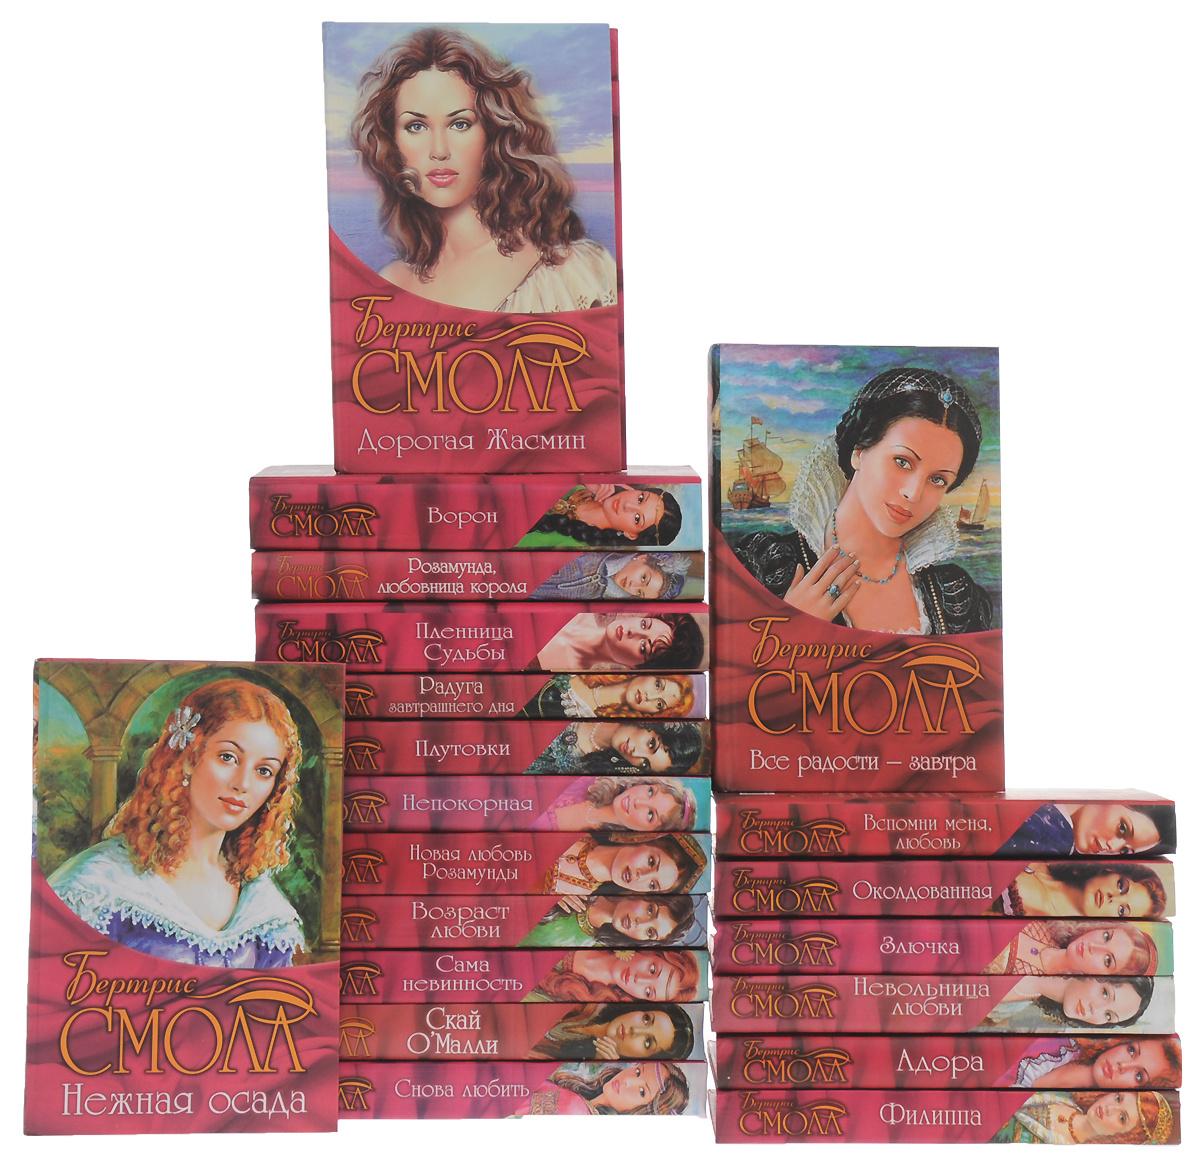 Бертрис Смолл. Собрание романов (комплект из 20 книг) | Смолл Бертрис  #1